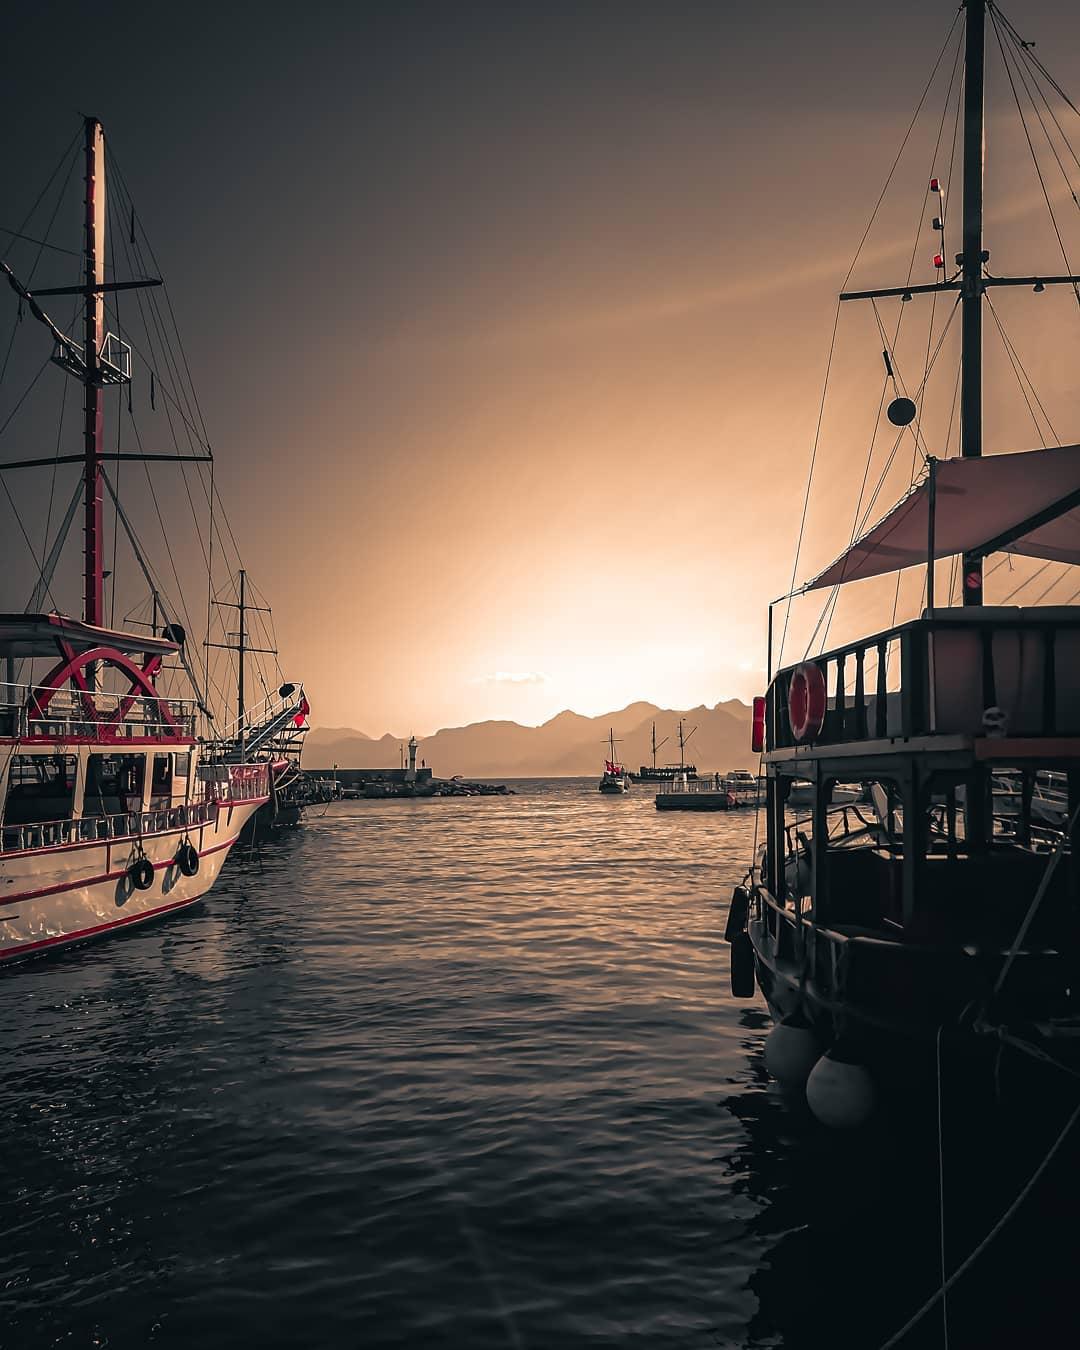 Турецкий колорит на великолепных снимках Эрсина Аджира (25 фото)